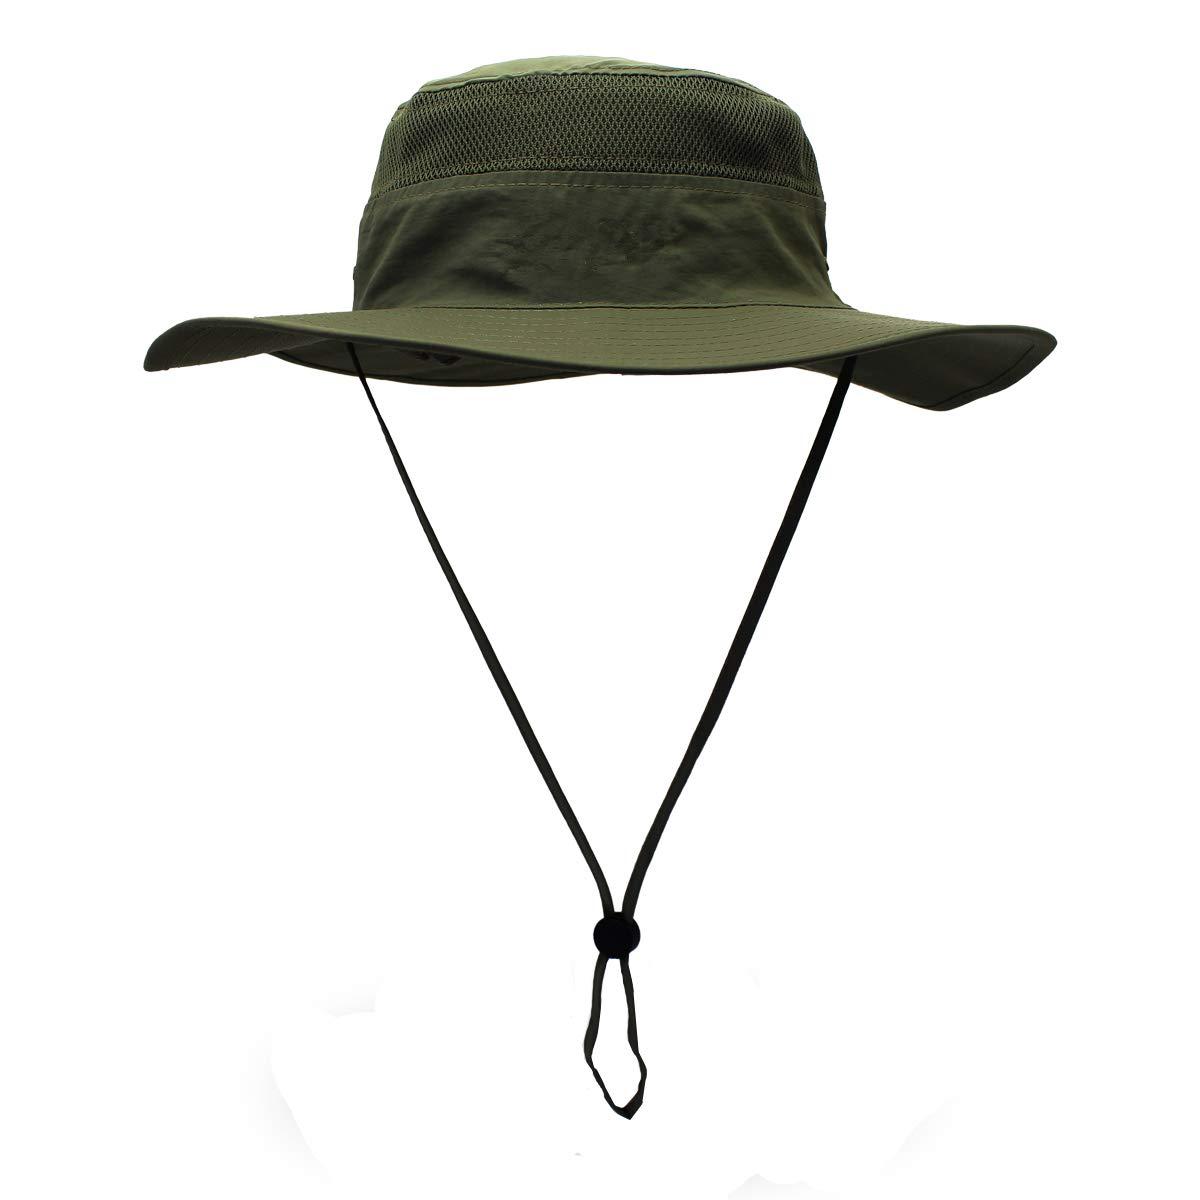 Sombrero de Pesca para Senderismo Croch Sombrero de Sol para Hombre y Mujer protecci/ón UV Transpirable Viajes Camping 60 cm Pesca